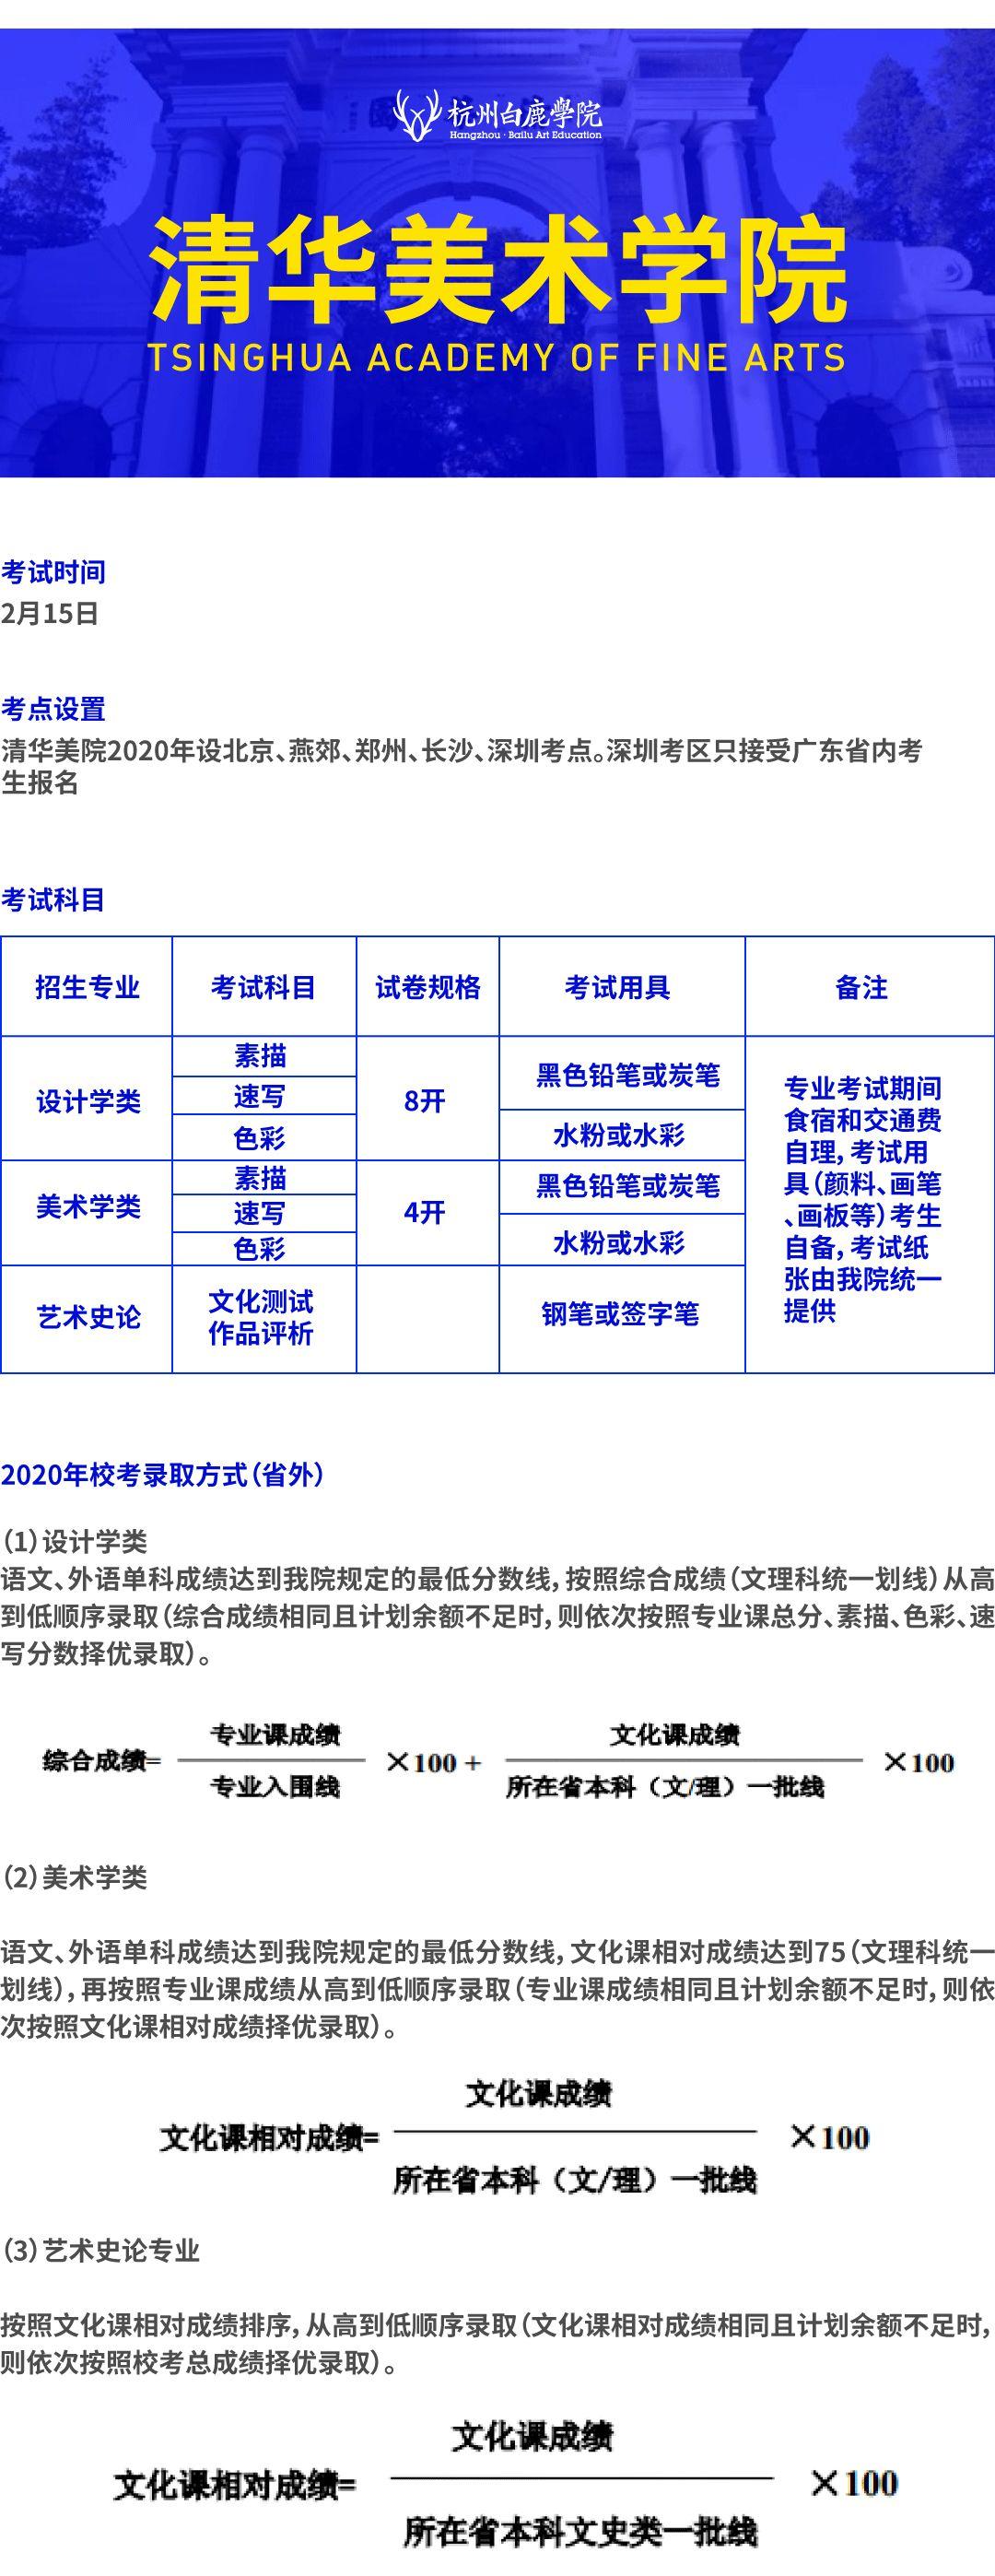 杭州美术培训,杭州白鹿画室,九大美院考点       09